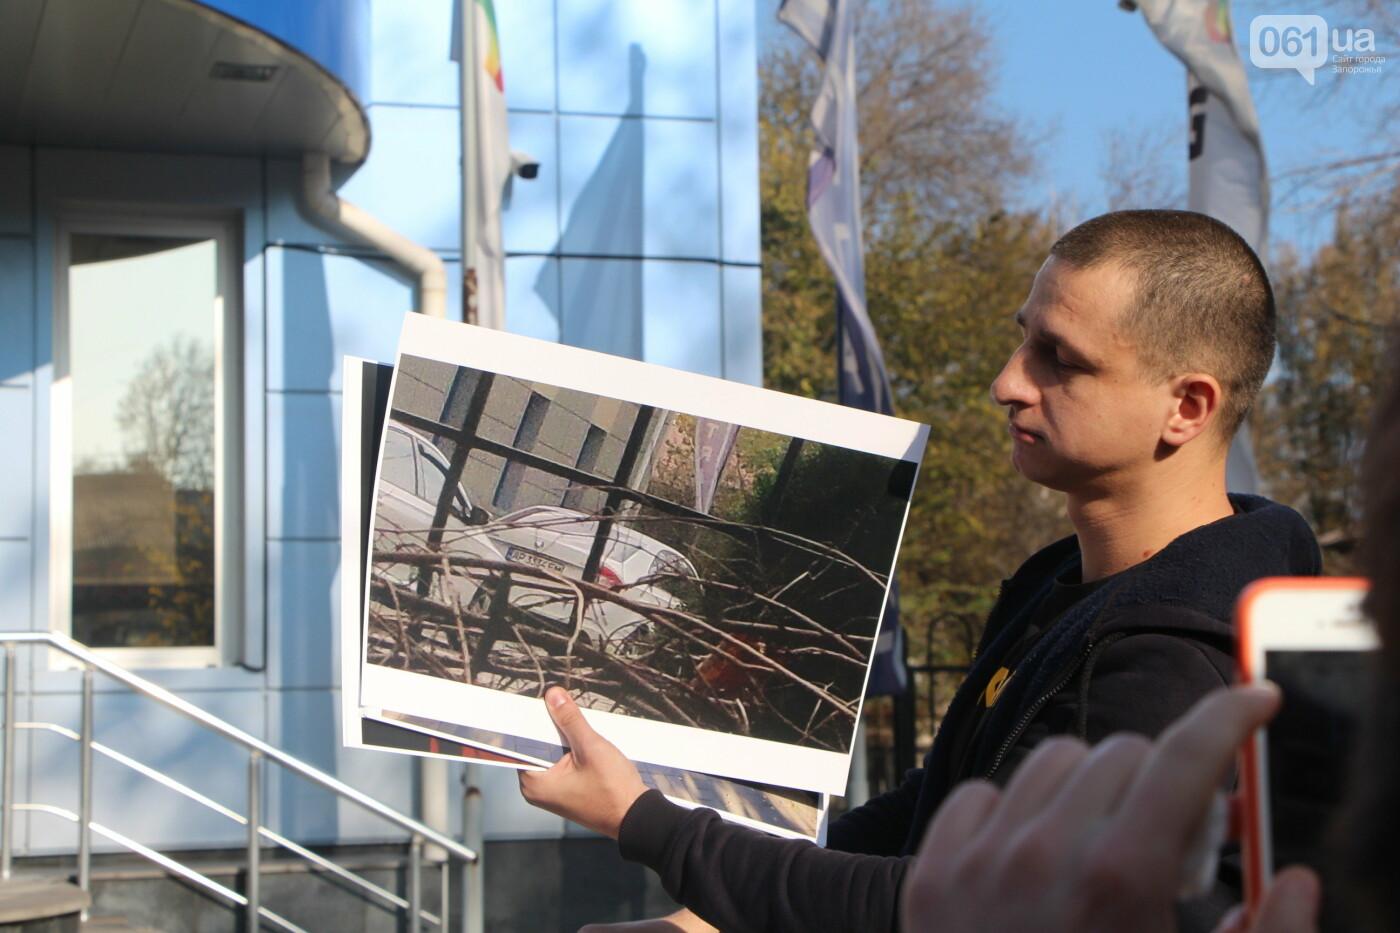 """""""Анисимов просто лох"""": на антикоррупционной экскурсии рассказали, кто приезжает в новый """"золотой офис"""", - ФОТОРЕПОРТАЖ, фото-22"""